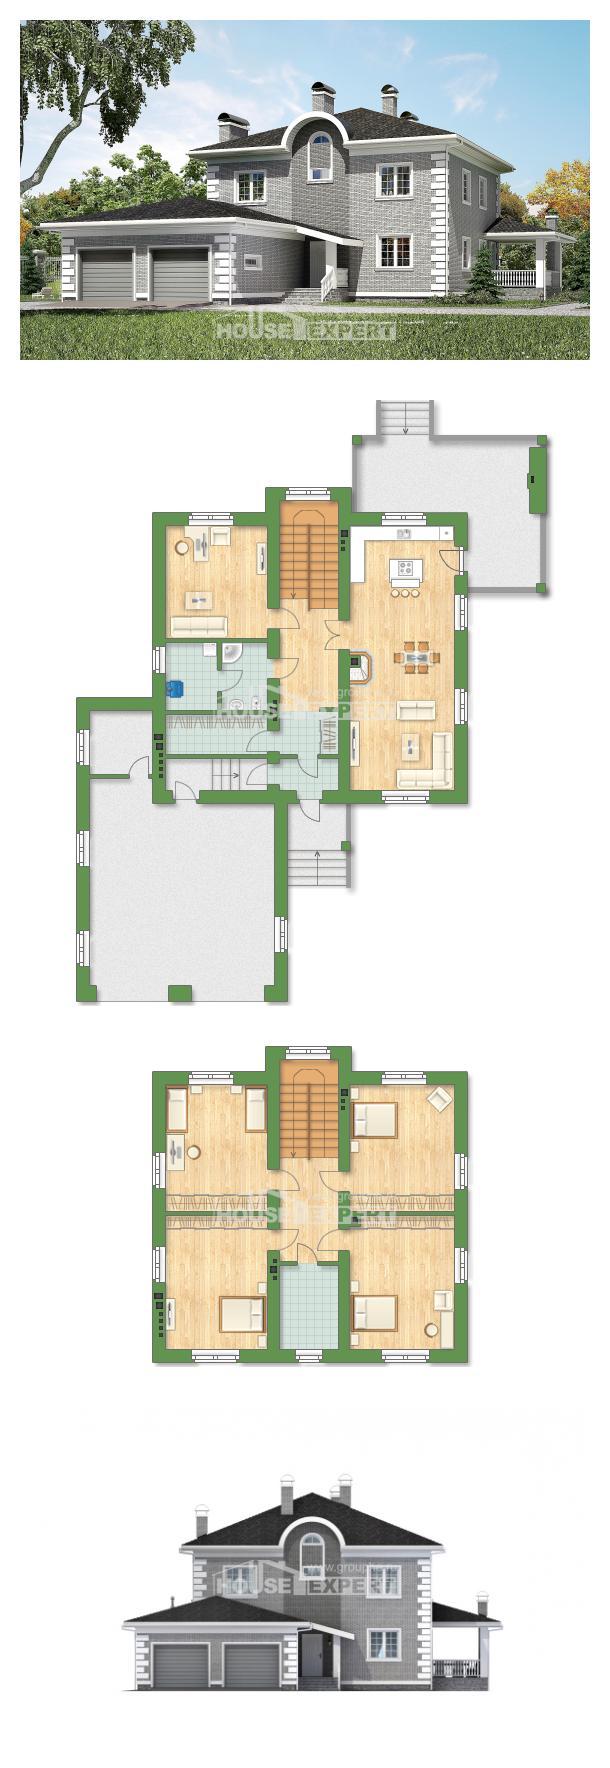 Plan 245-004-L | House Expert